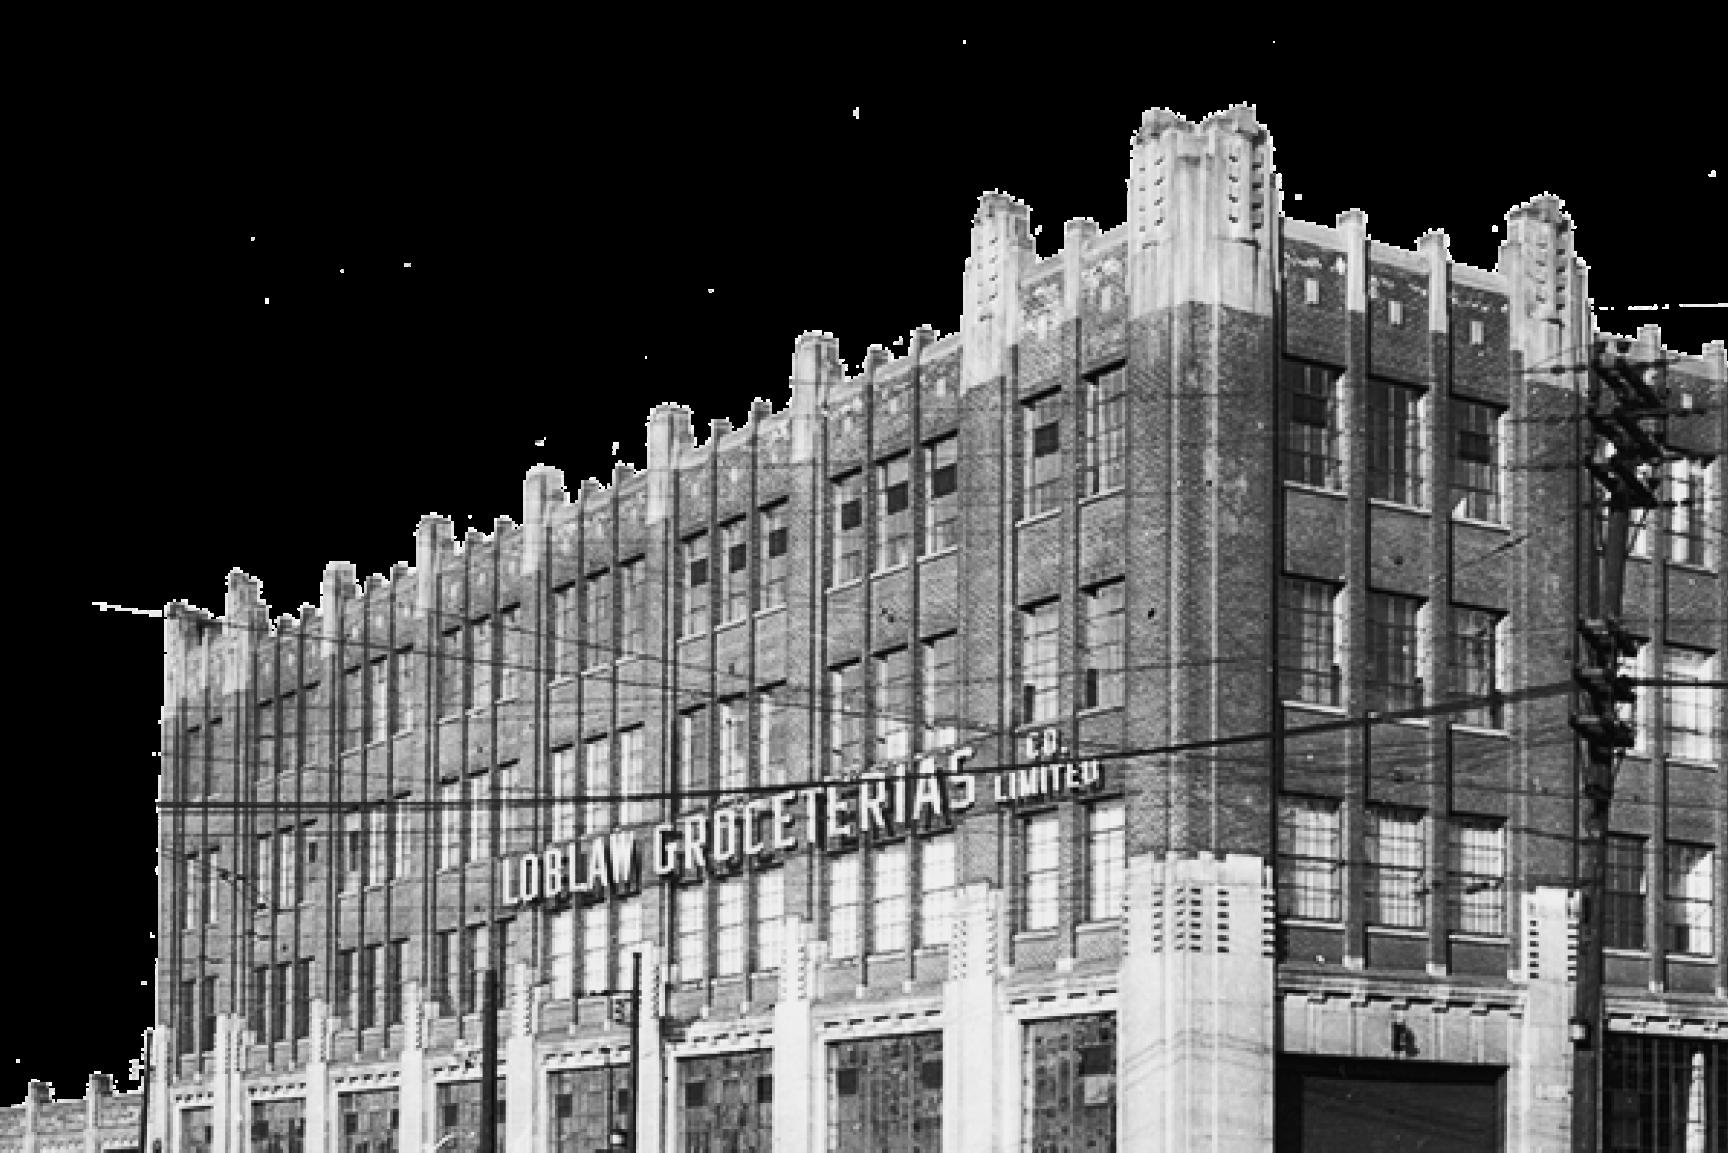 Loblaw Groceteria building